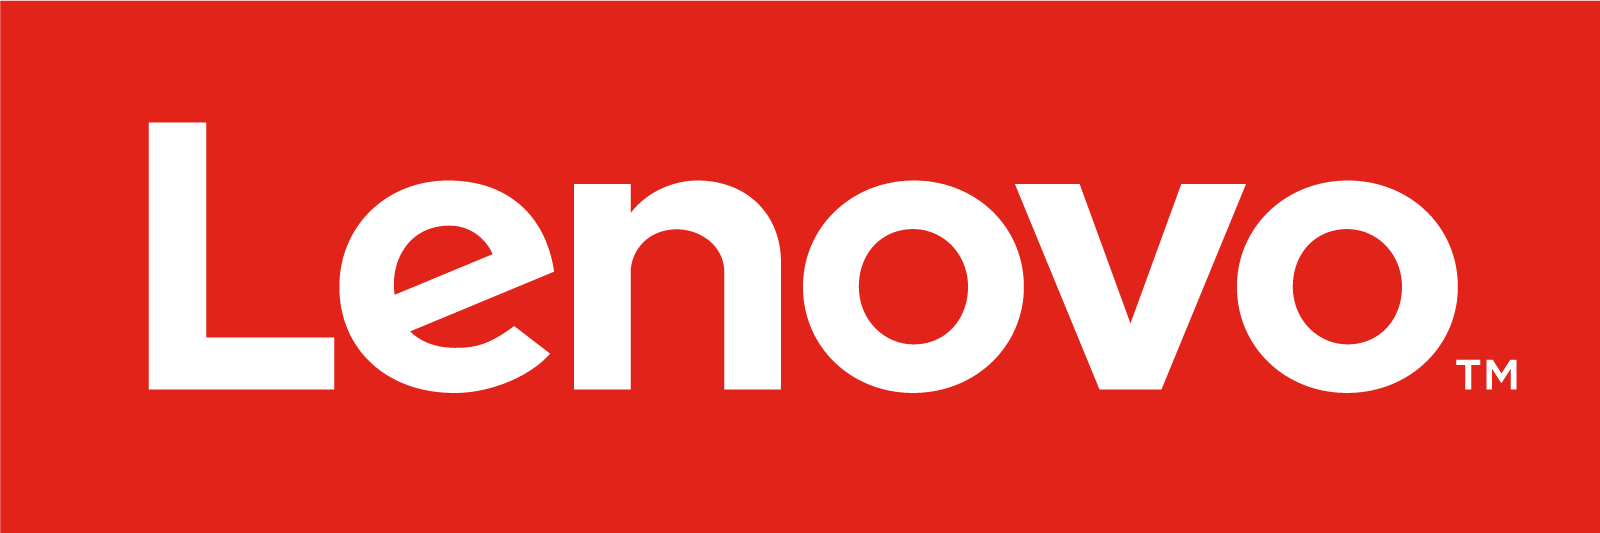 Lenovo Png